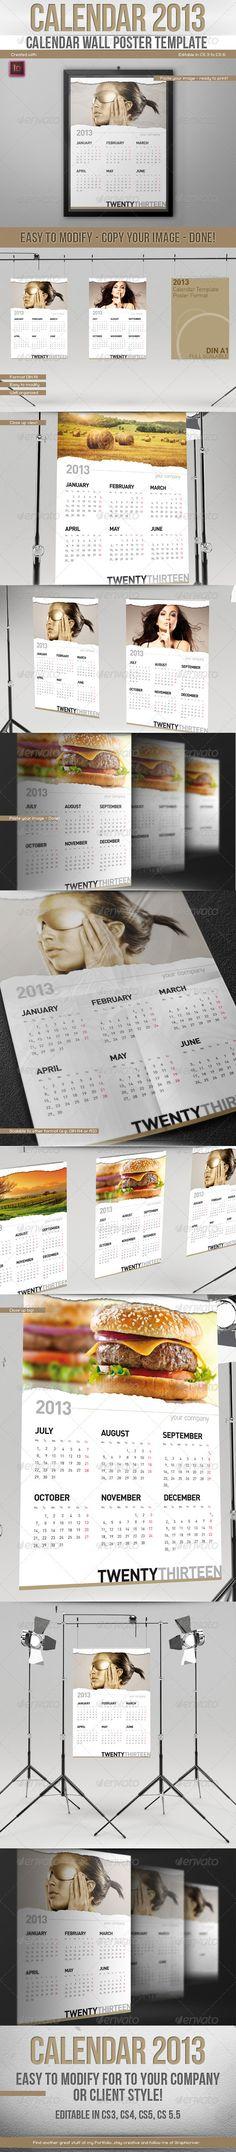 Wall Calendar Set 2017 Calendar design template, Calendar design - sample indesign calendar